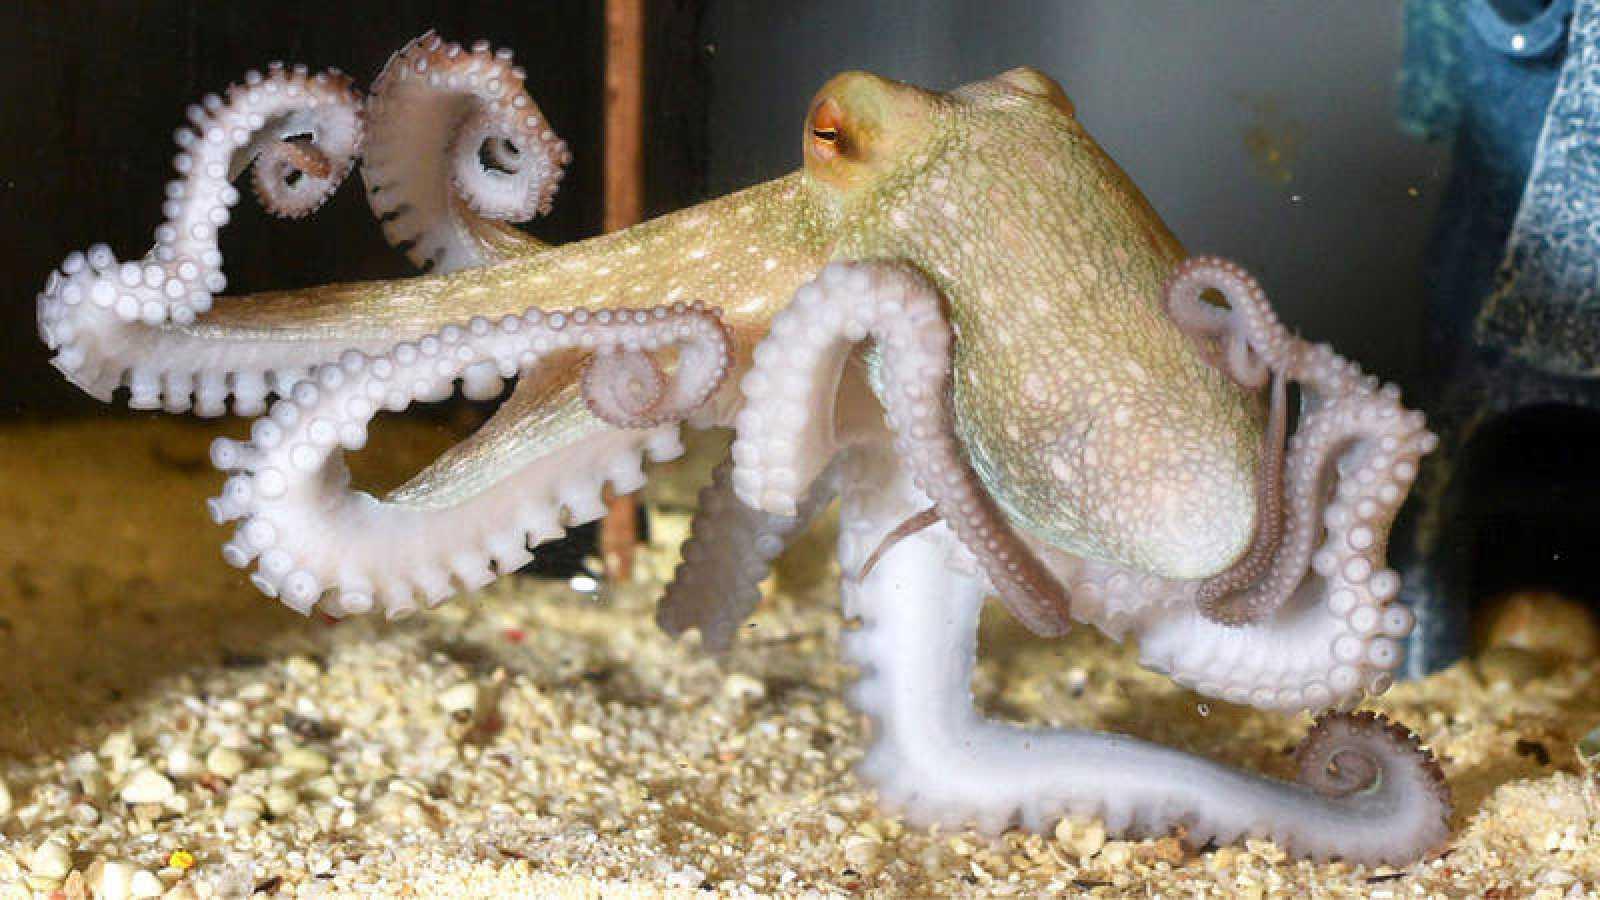 El pulpo común (Octopus vulgaris) es una especie de gran interés comercial en España y el Mediterráneo.